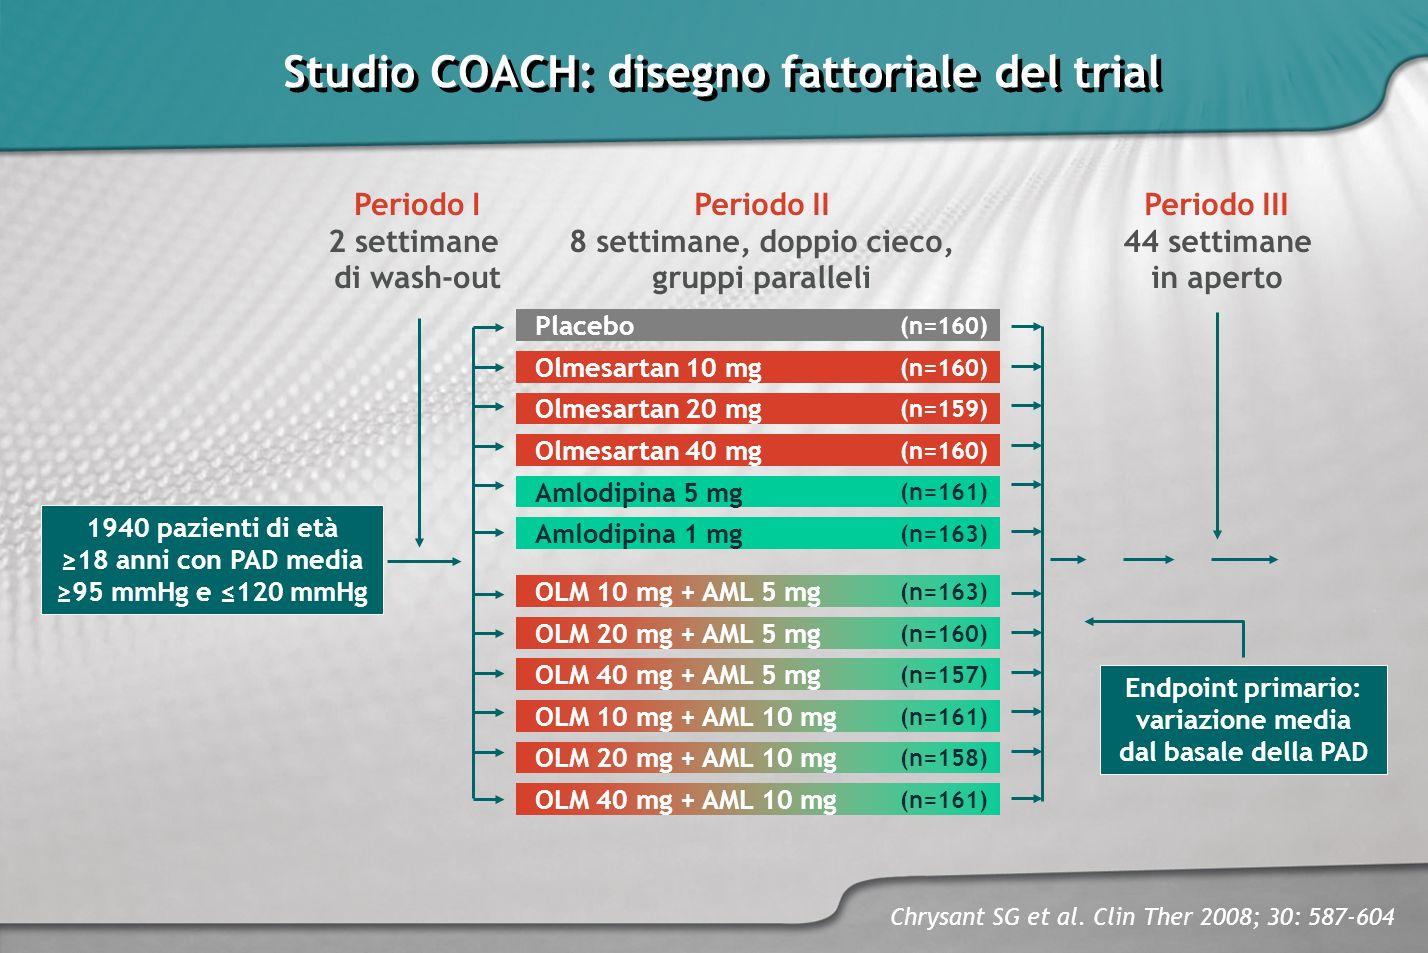 Studio COACH: disegno fattoriale del trial